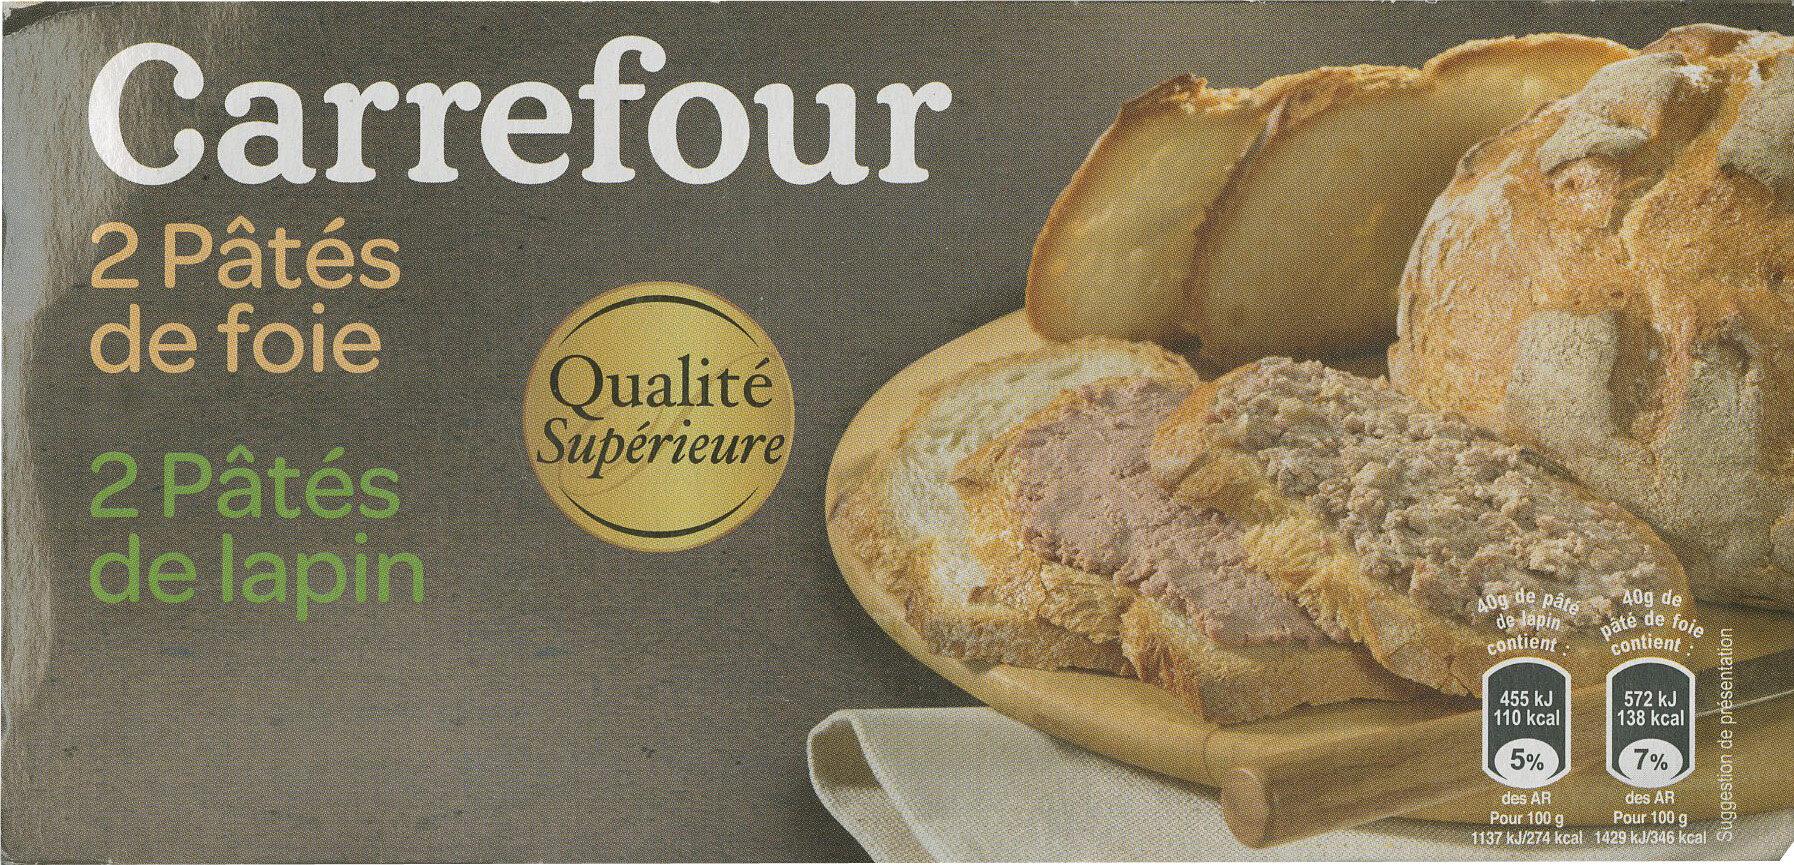 Pâté de foie Pâté de lapin - Produit